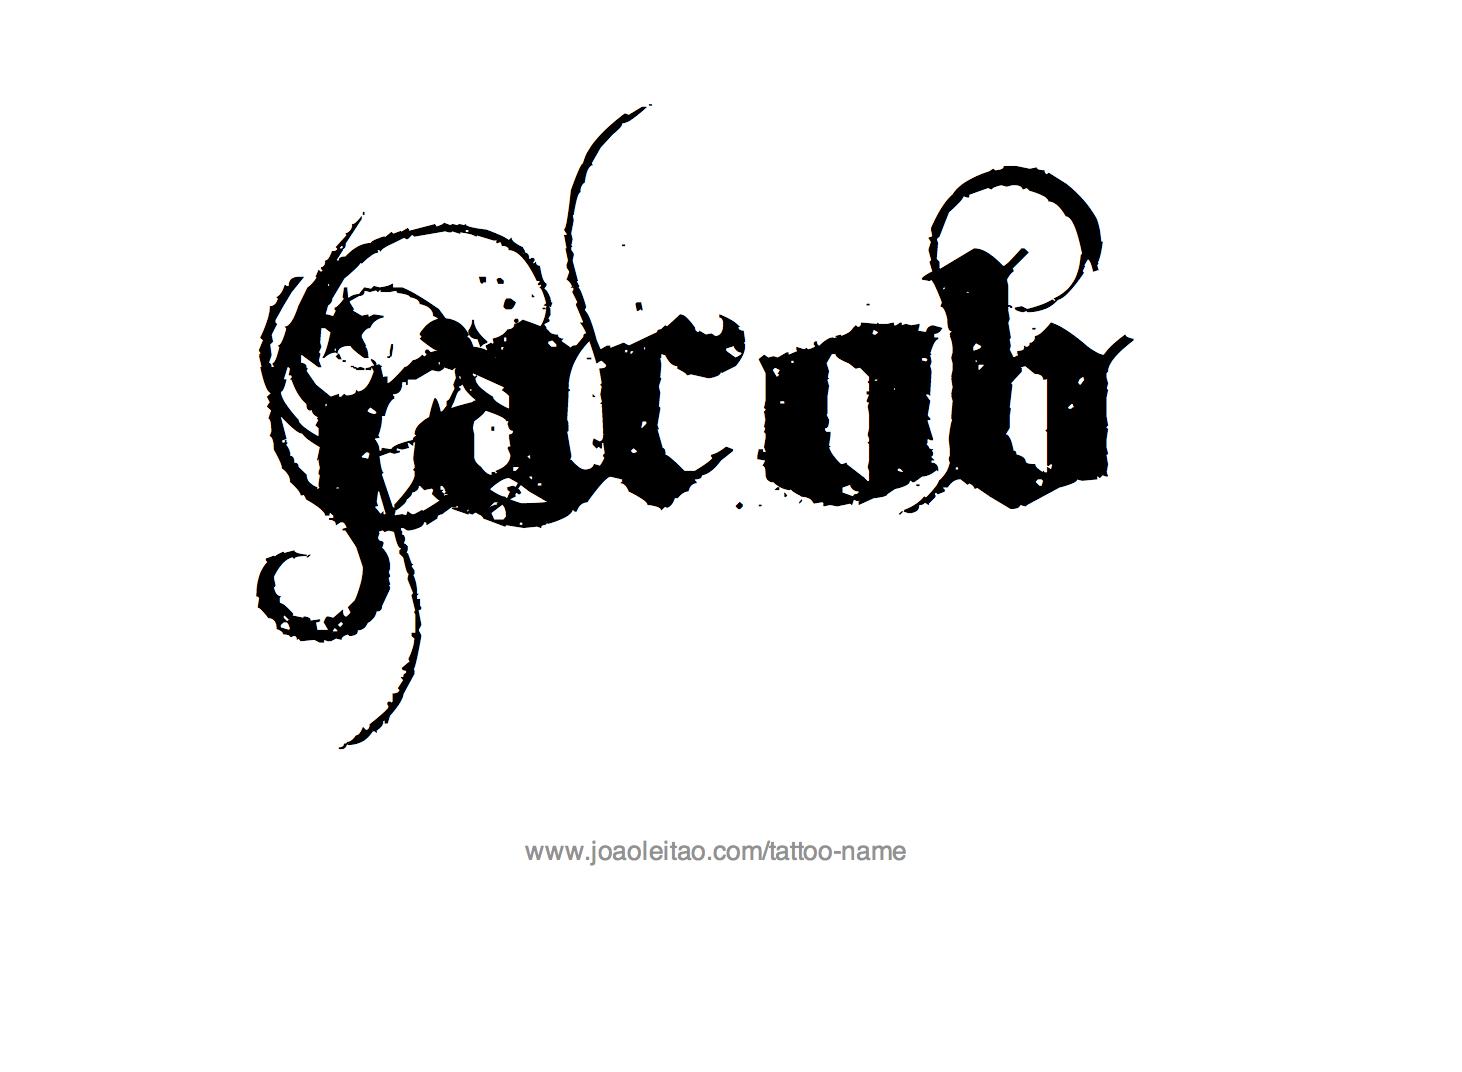 Tattoo name writing designs jacob name tattoo designs  tattoo  pinterest  tattoos tattoo